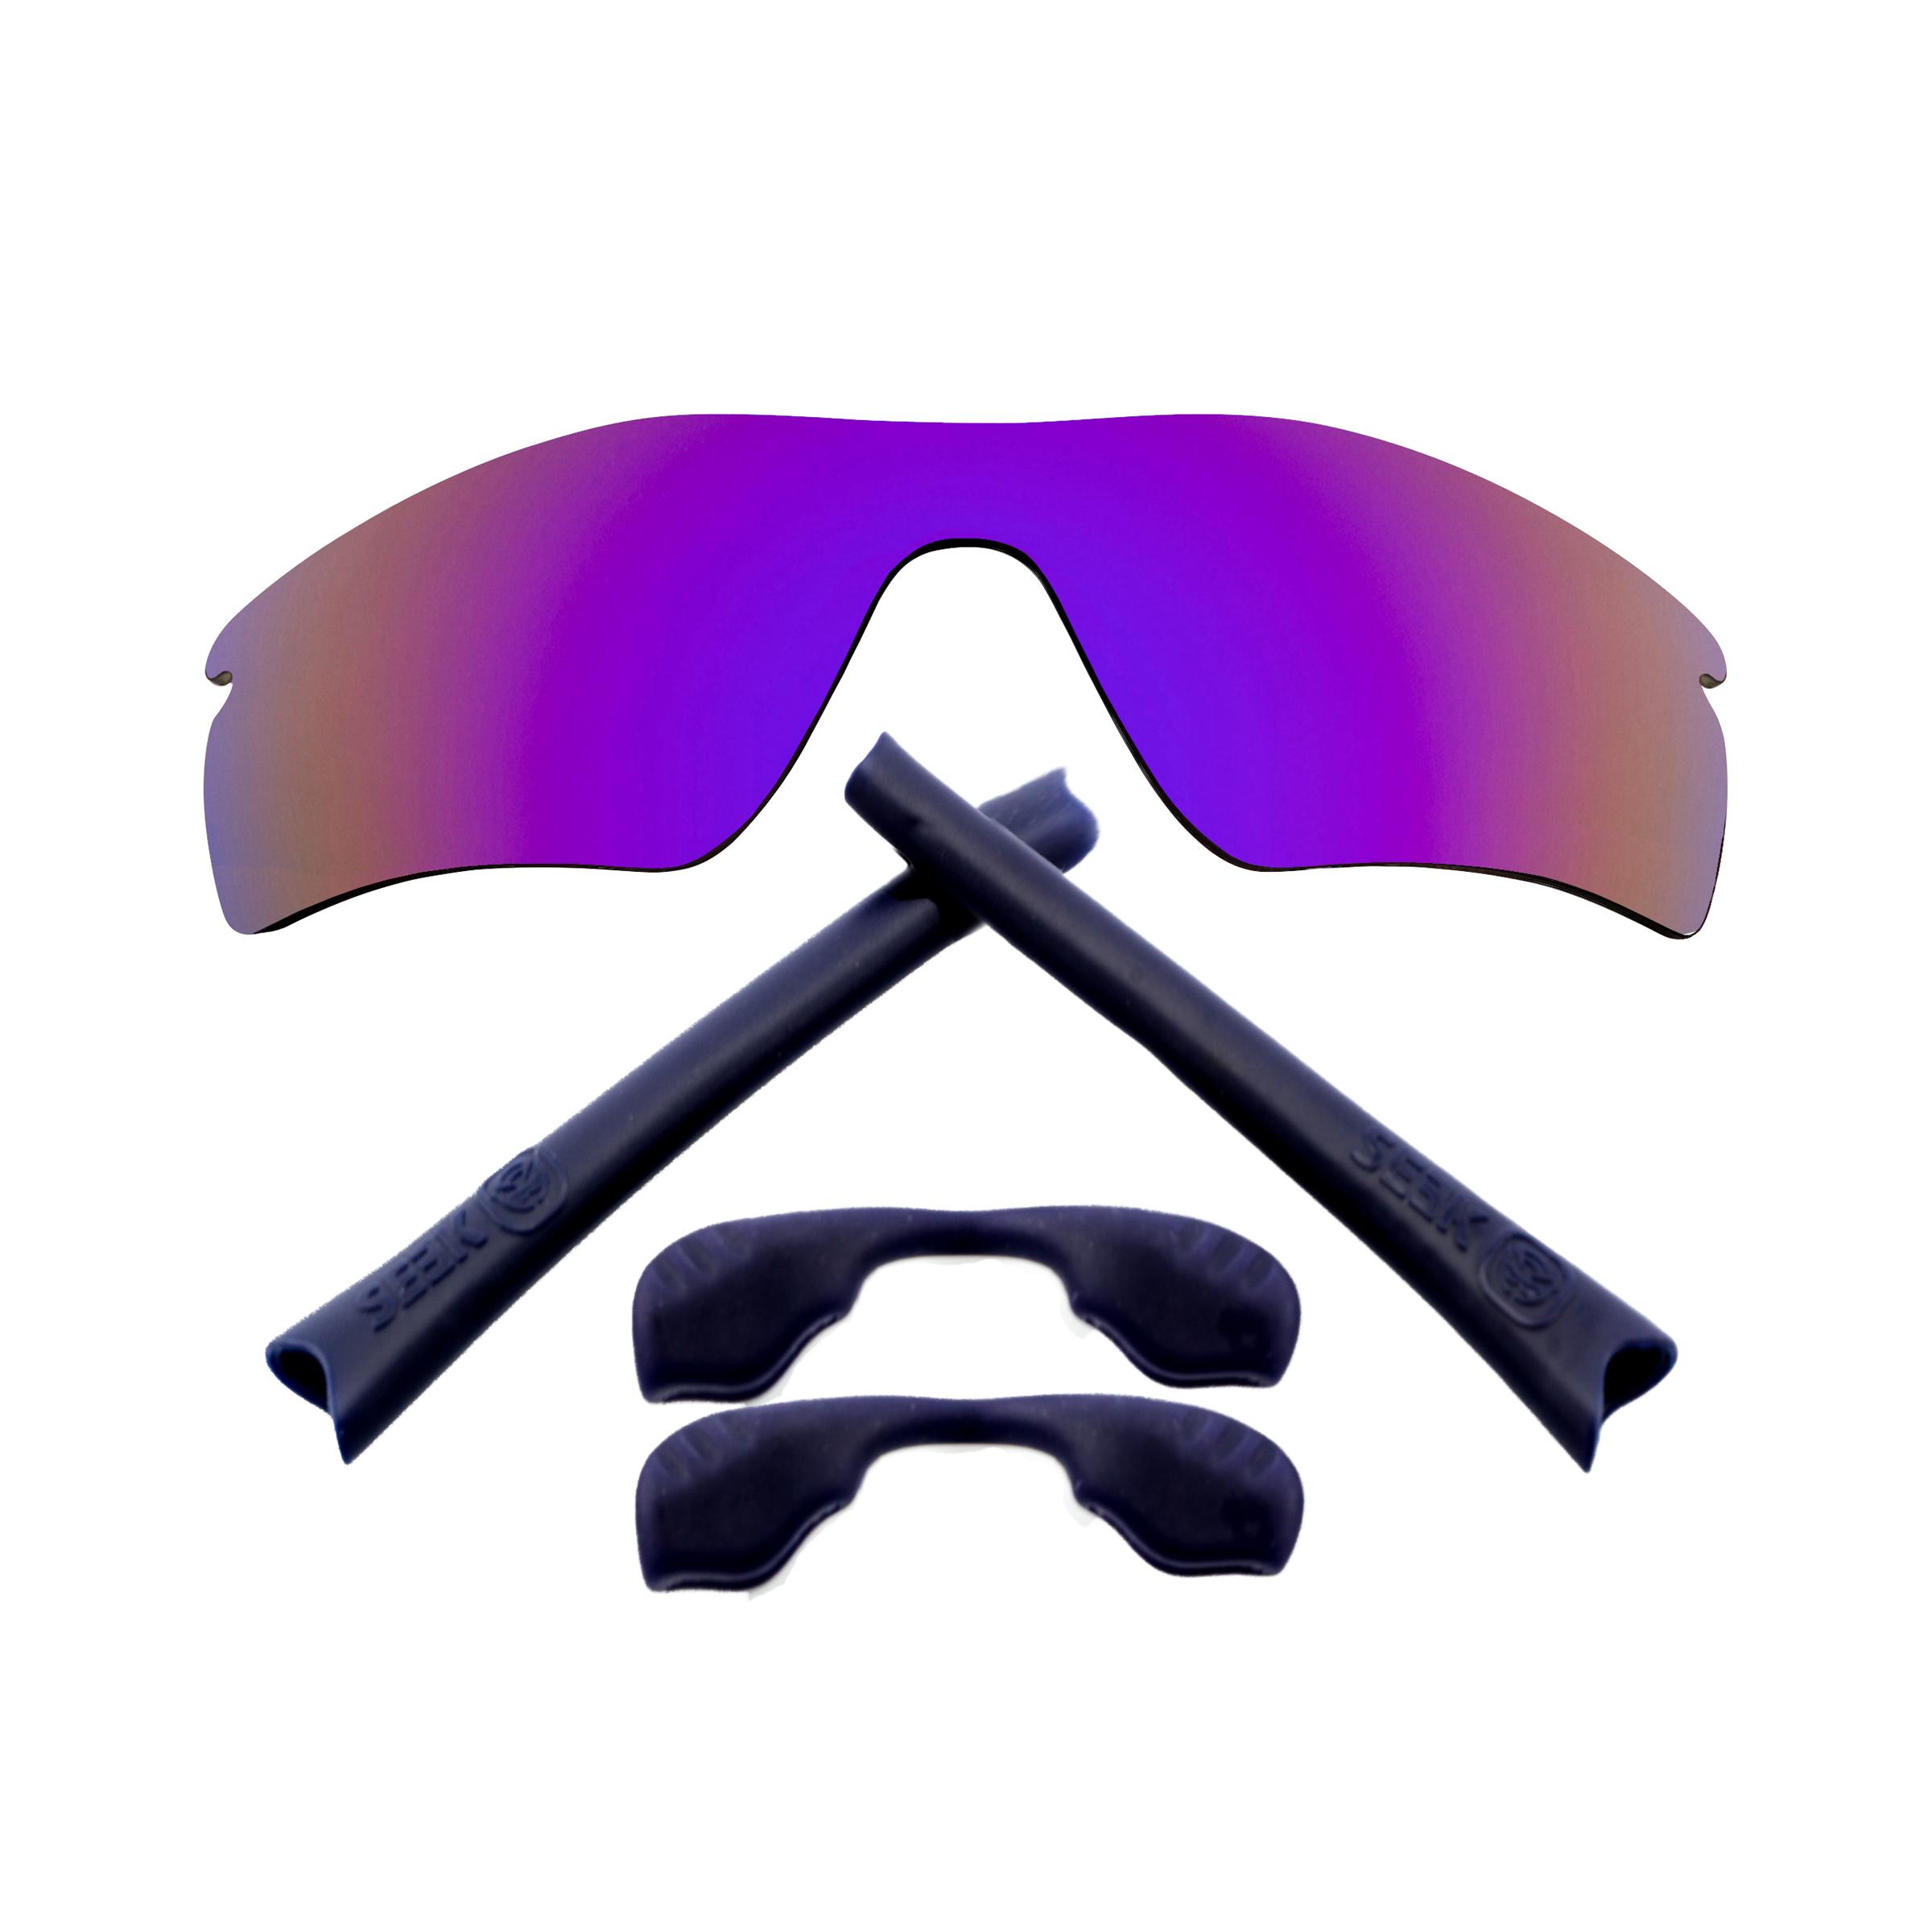 Radar Path Gläser Zubehörset Lila Spiegel Navy Blau Von Seek Passt Oakley Elegantes Und Robustes Paket Herren-accessoires Kleidung & Accessoires